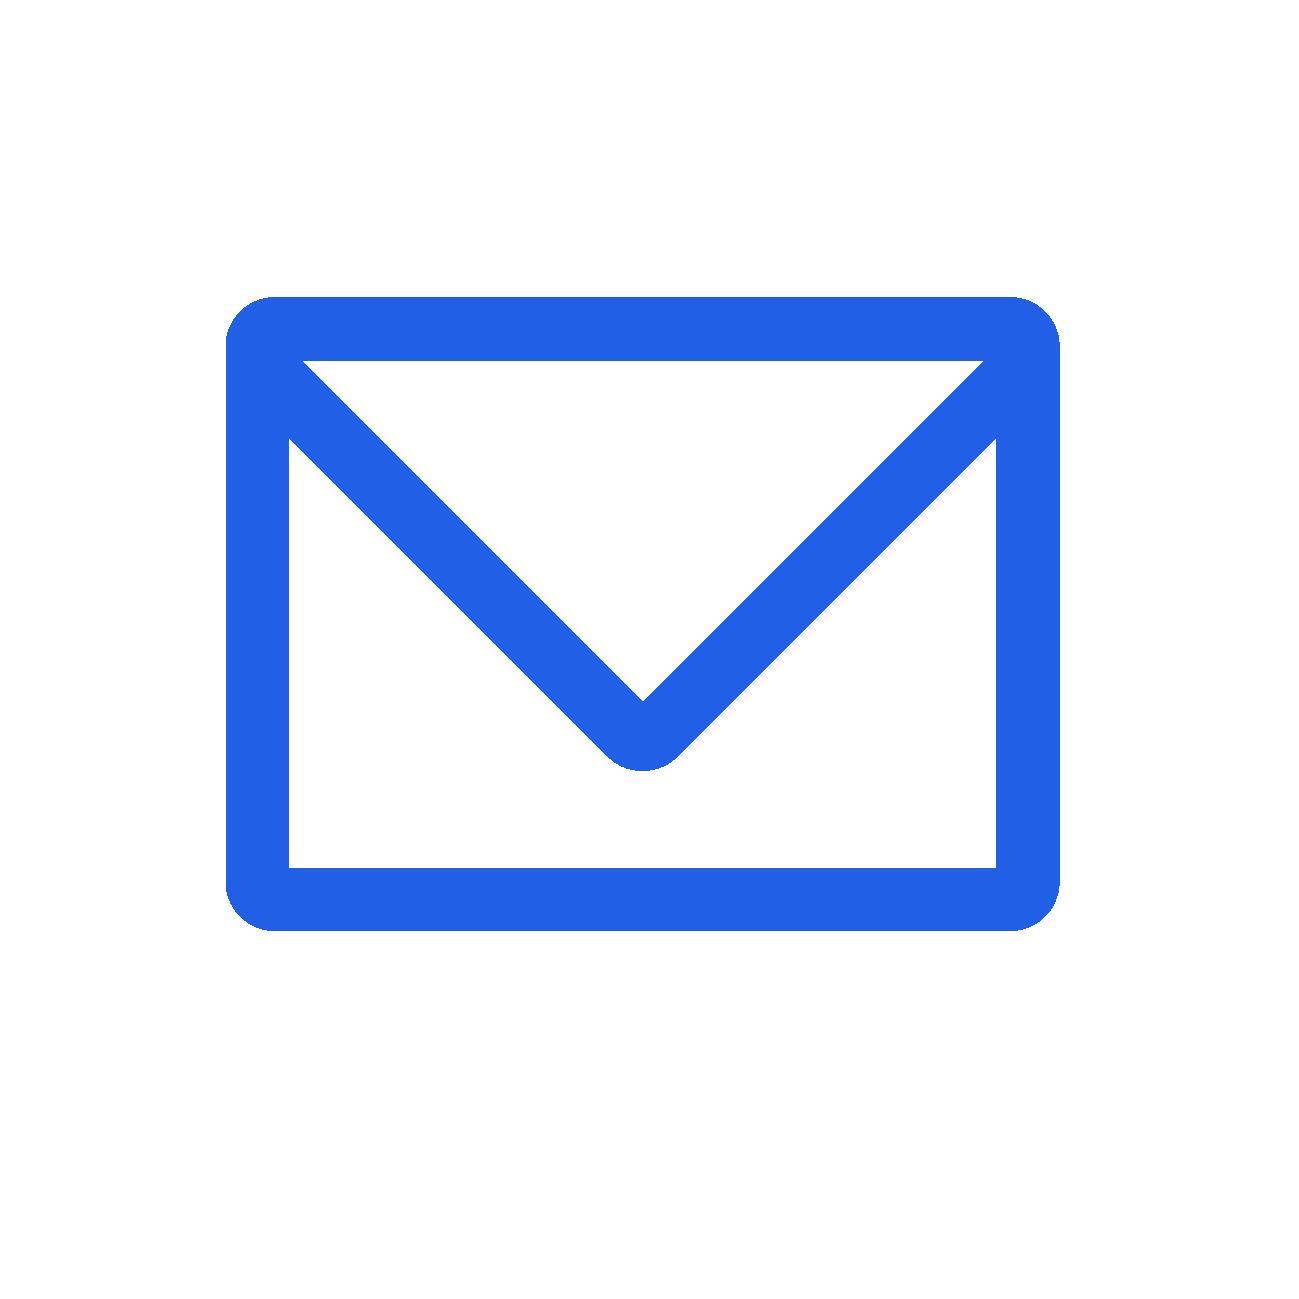 メールの「iPhoneから送信」という文字を消す方法